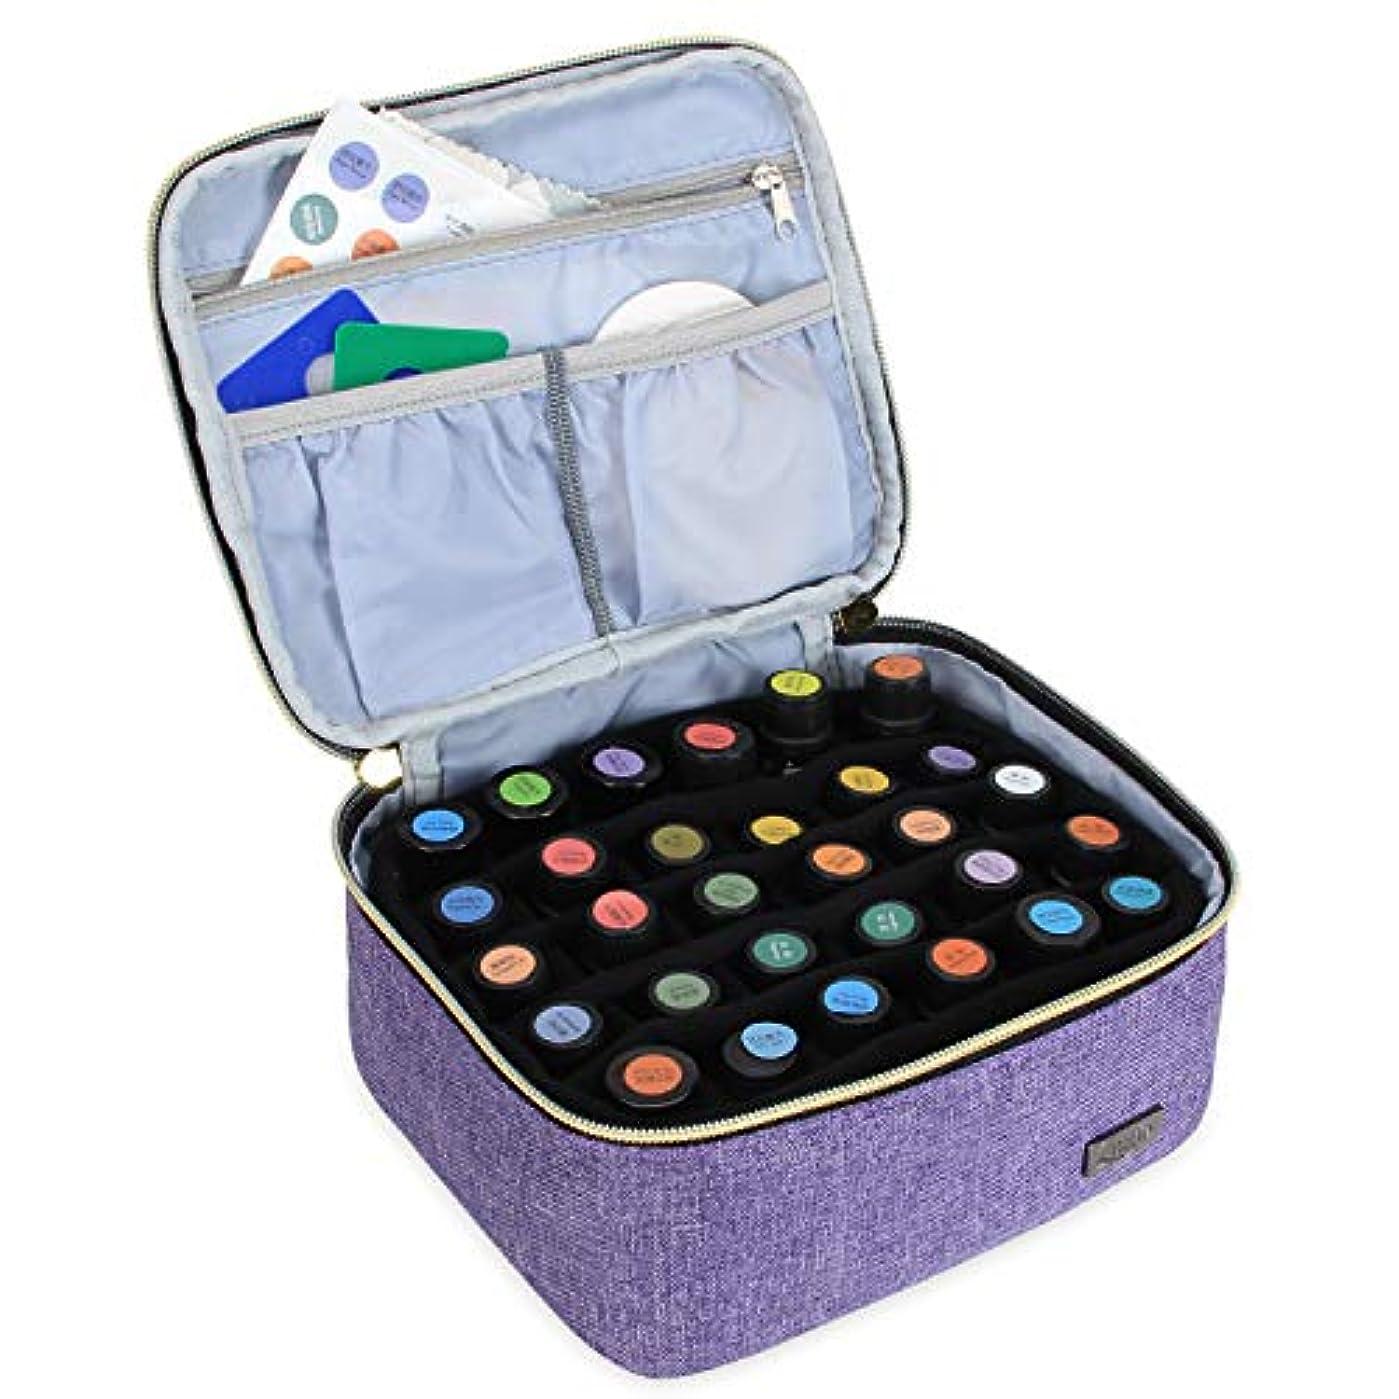 週間眠りスキニーLUXJA エッセンシャルオイル ポーチ 30本収納(5ml - 30ml) (単層?紫)